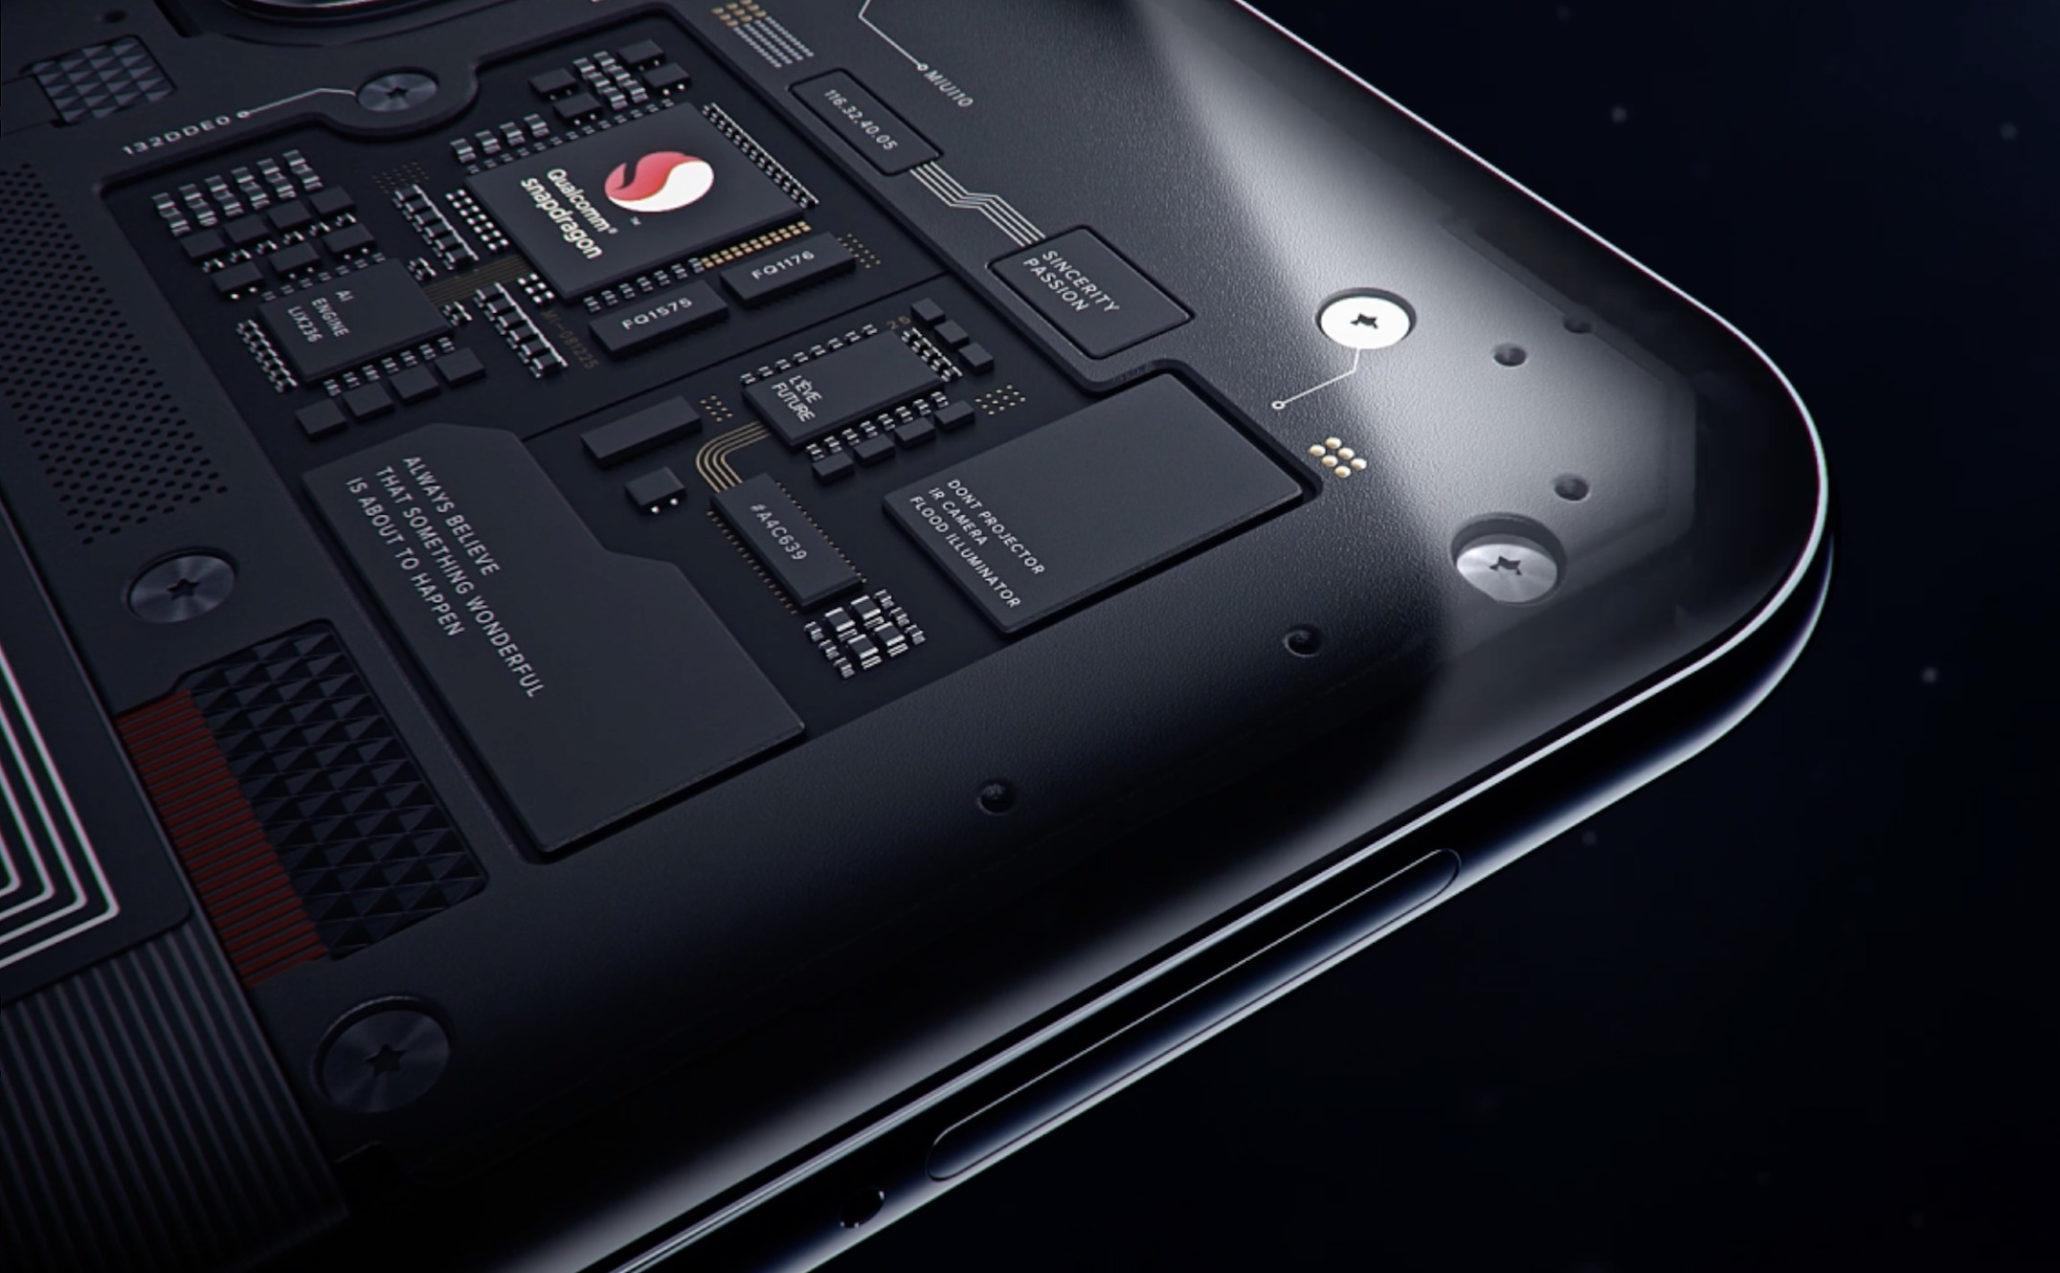 تعرف على مواصفات هاتف Xiaomi المقبل بمعالج كوالكوم سنابدراجون 855 هاتف Xiaomi Mi 9